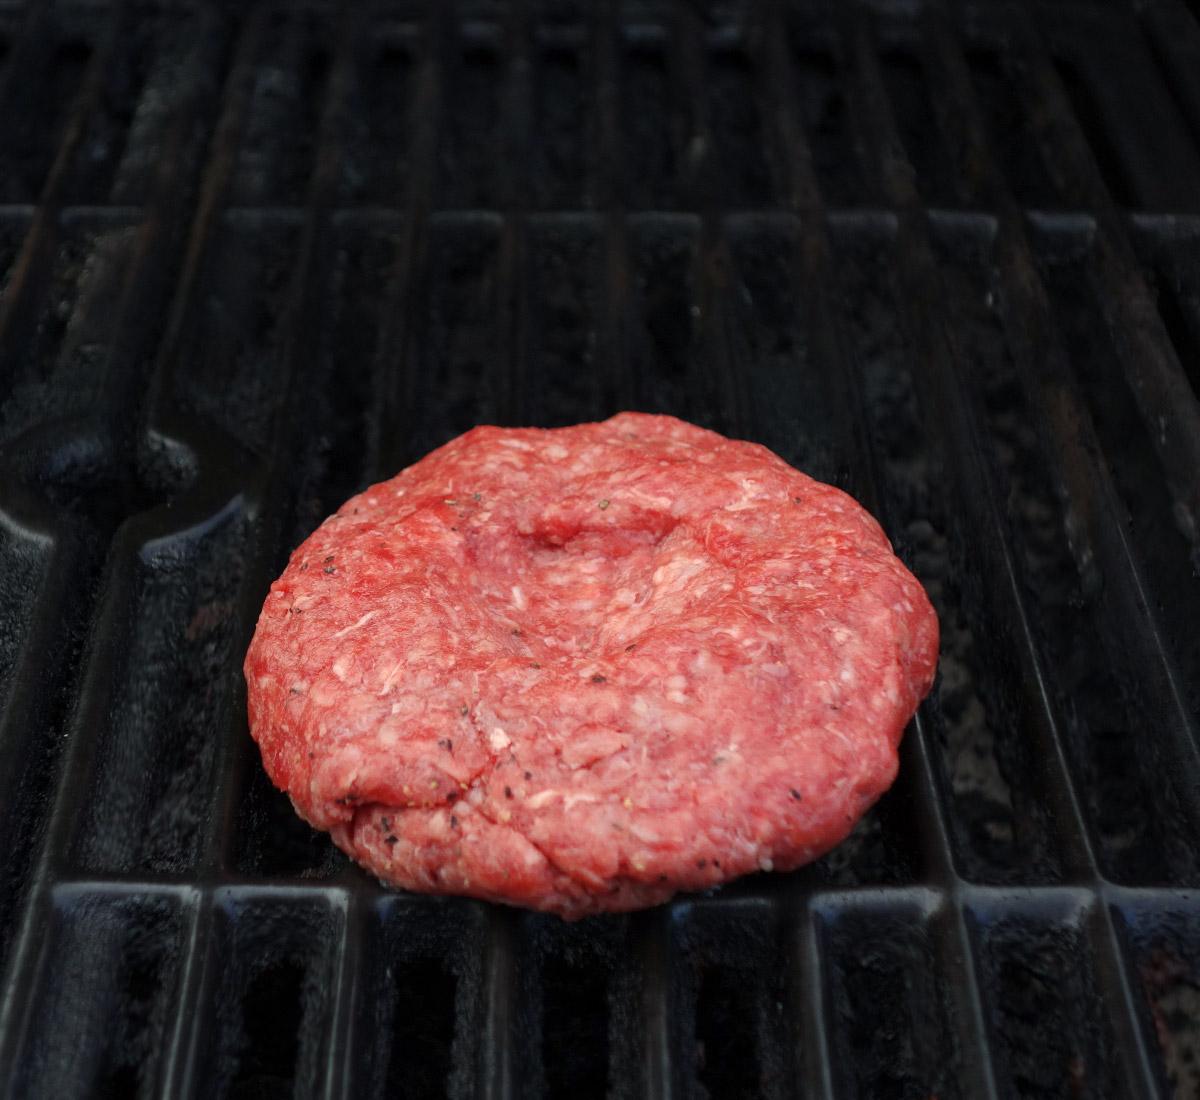 how to make burgers | burgerartist.com